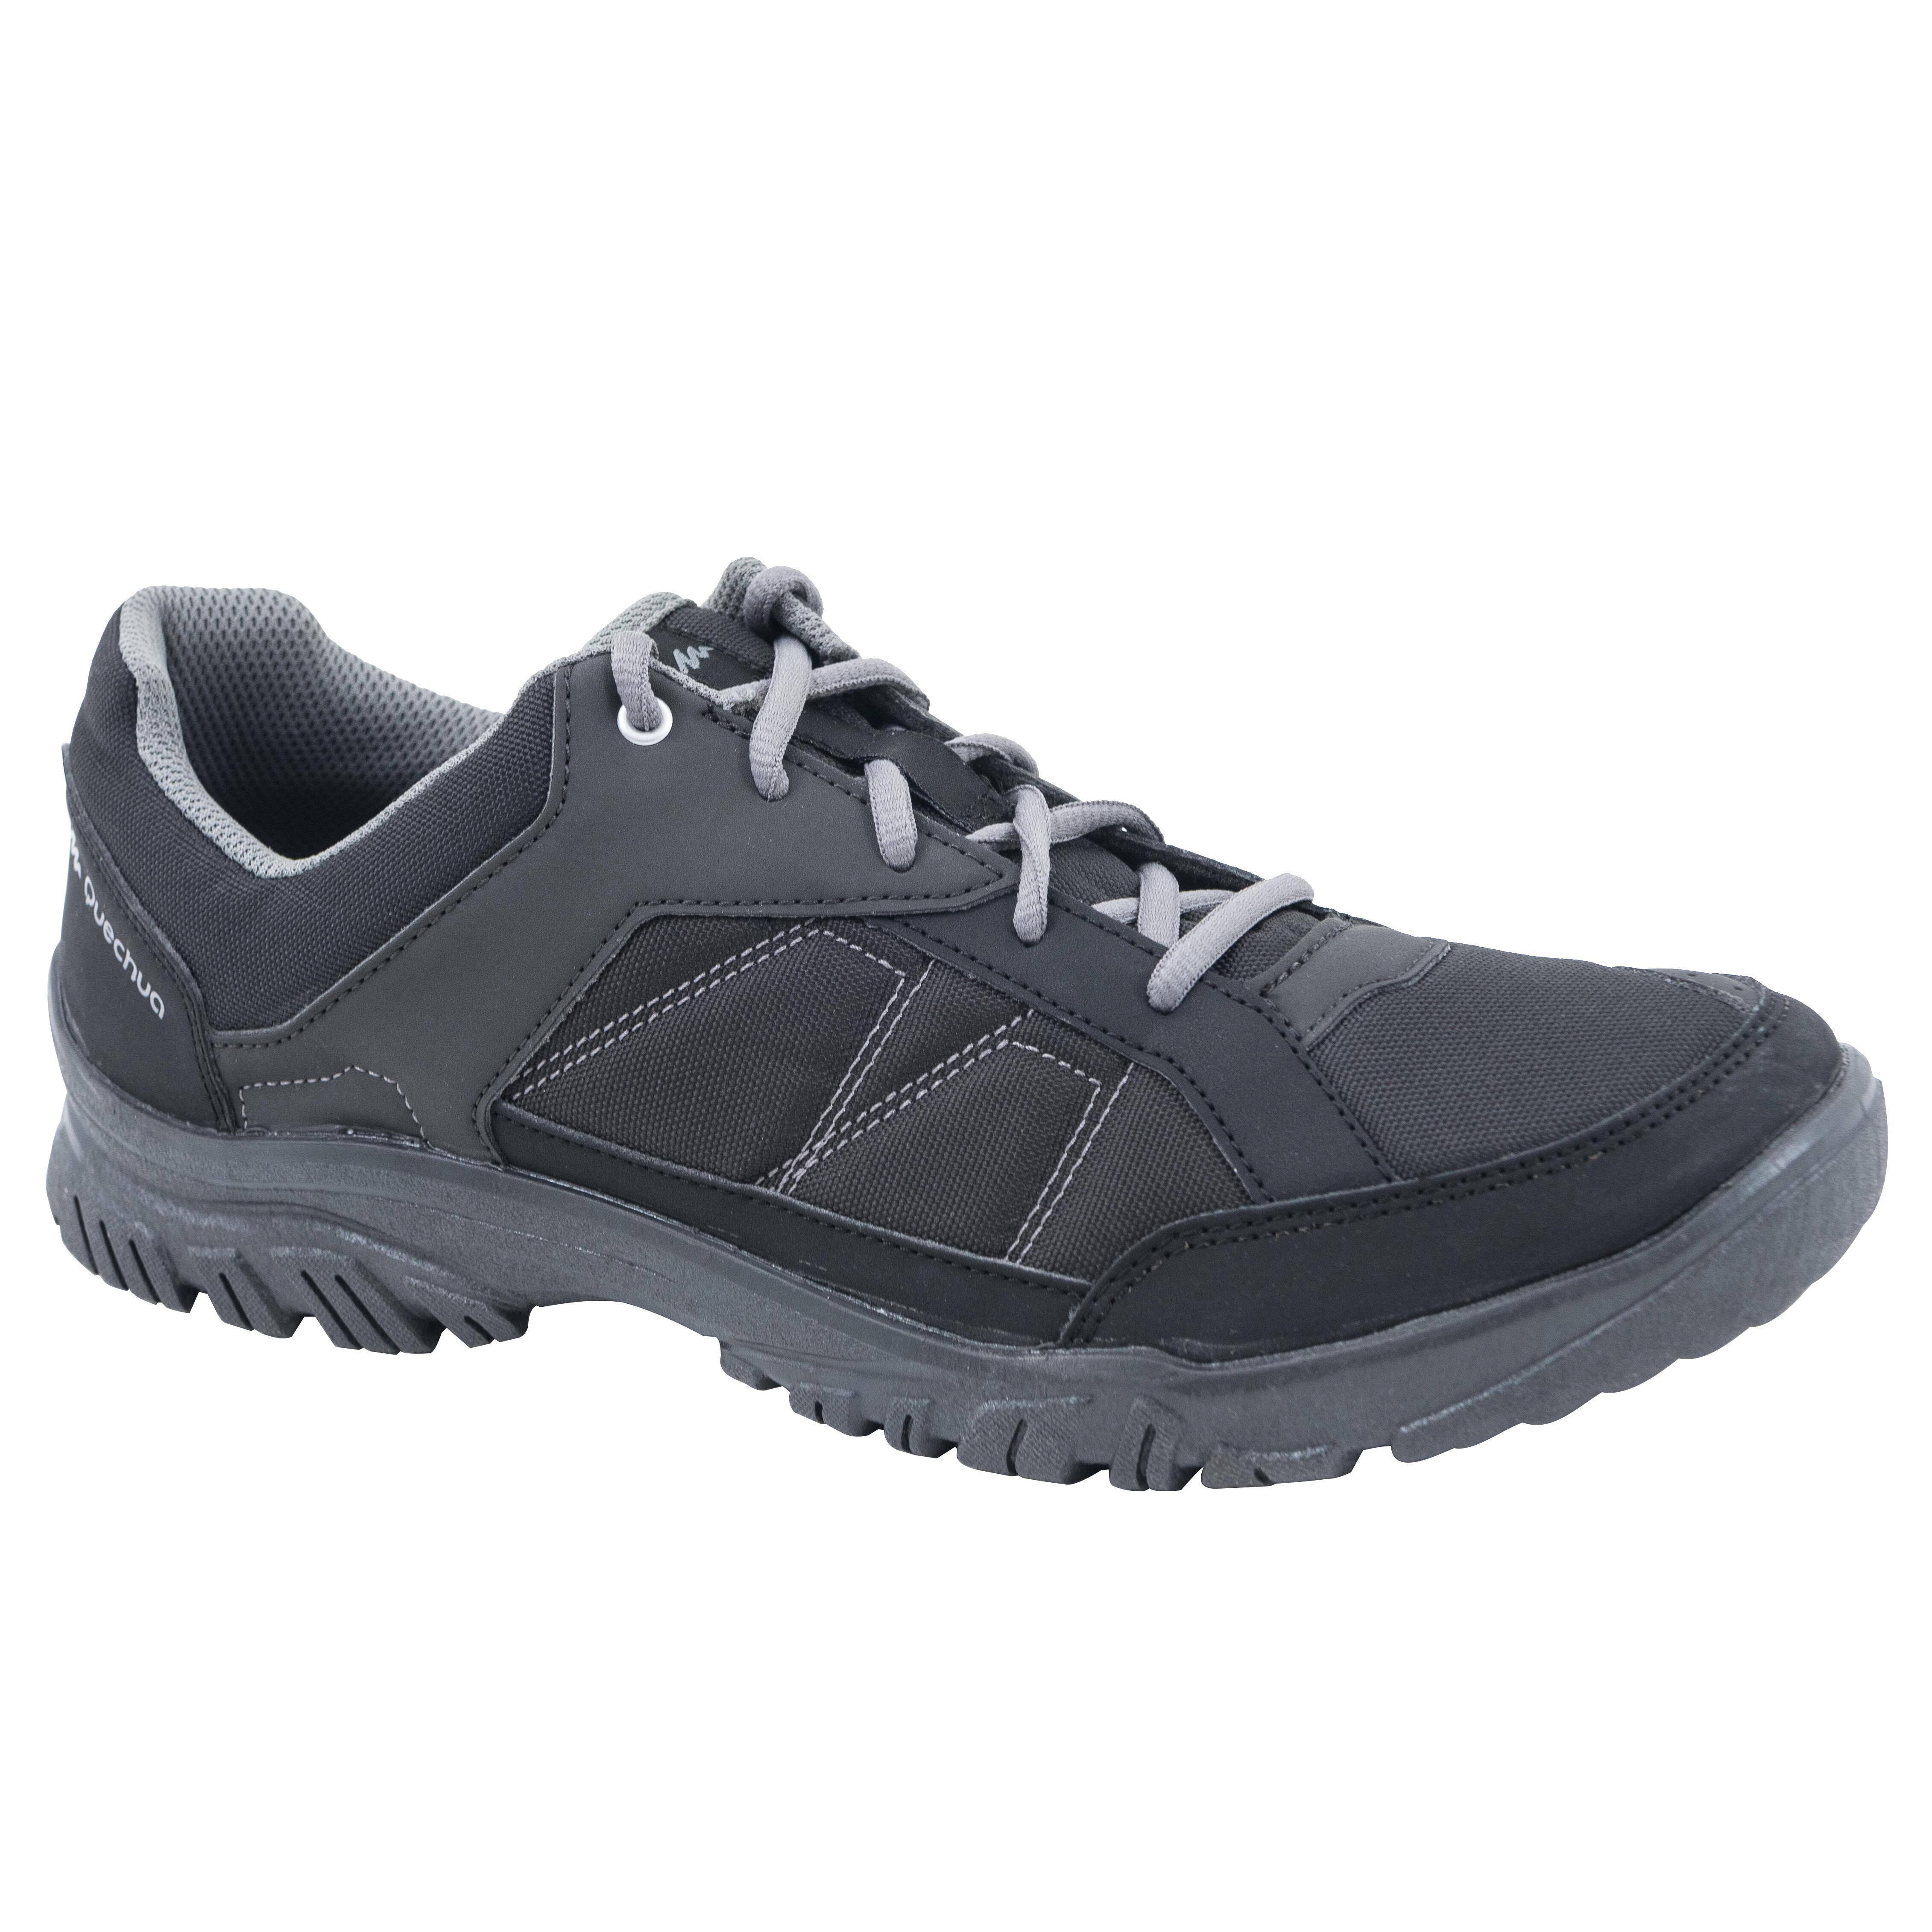 Quechua Schoenen voor wandelen in de natuur NH500 zwart heren kopen